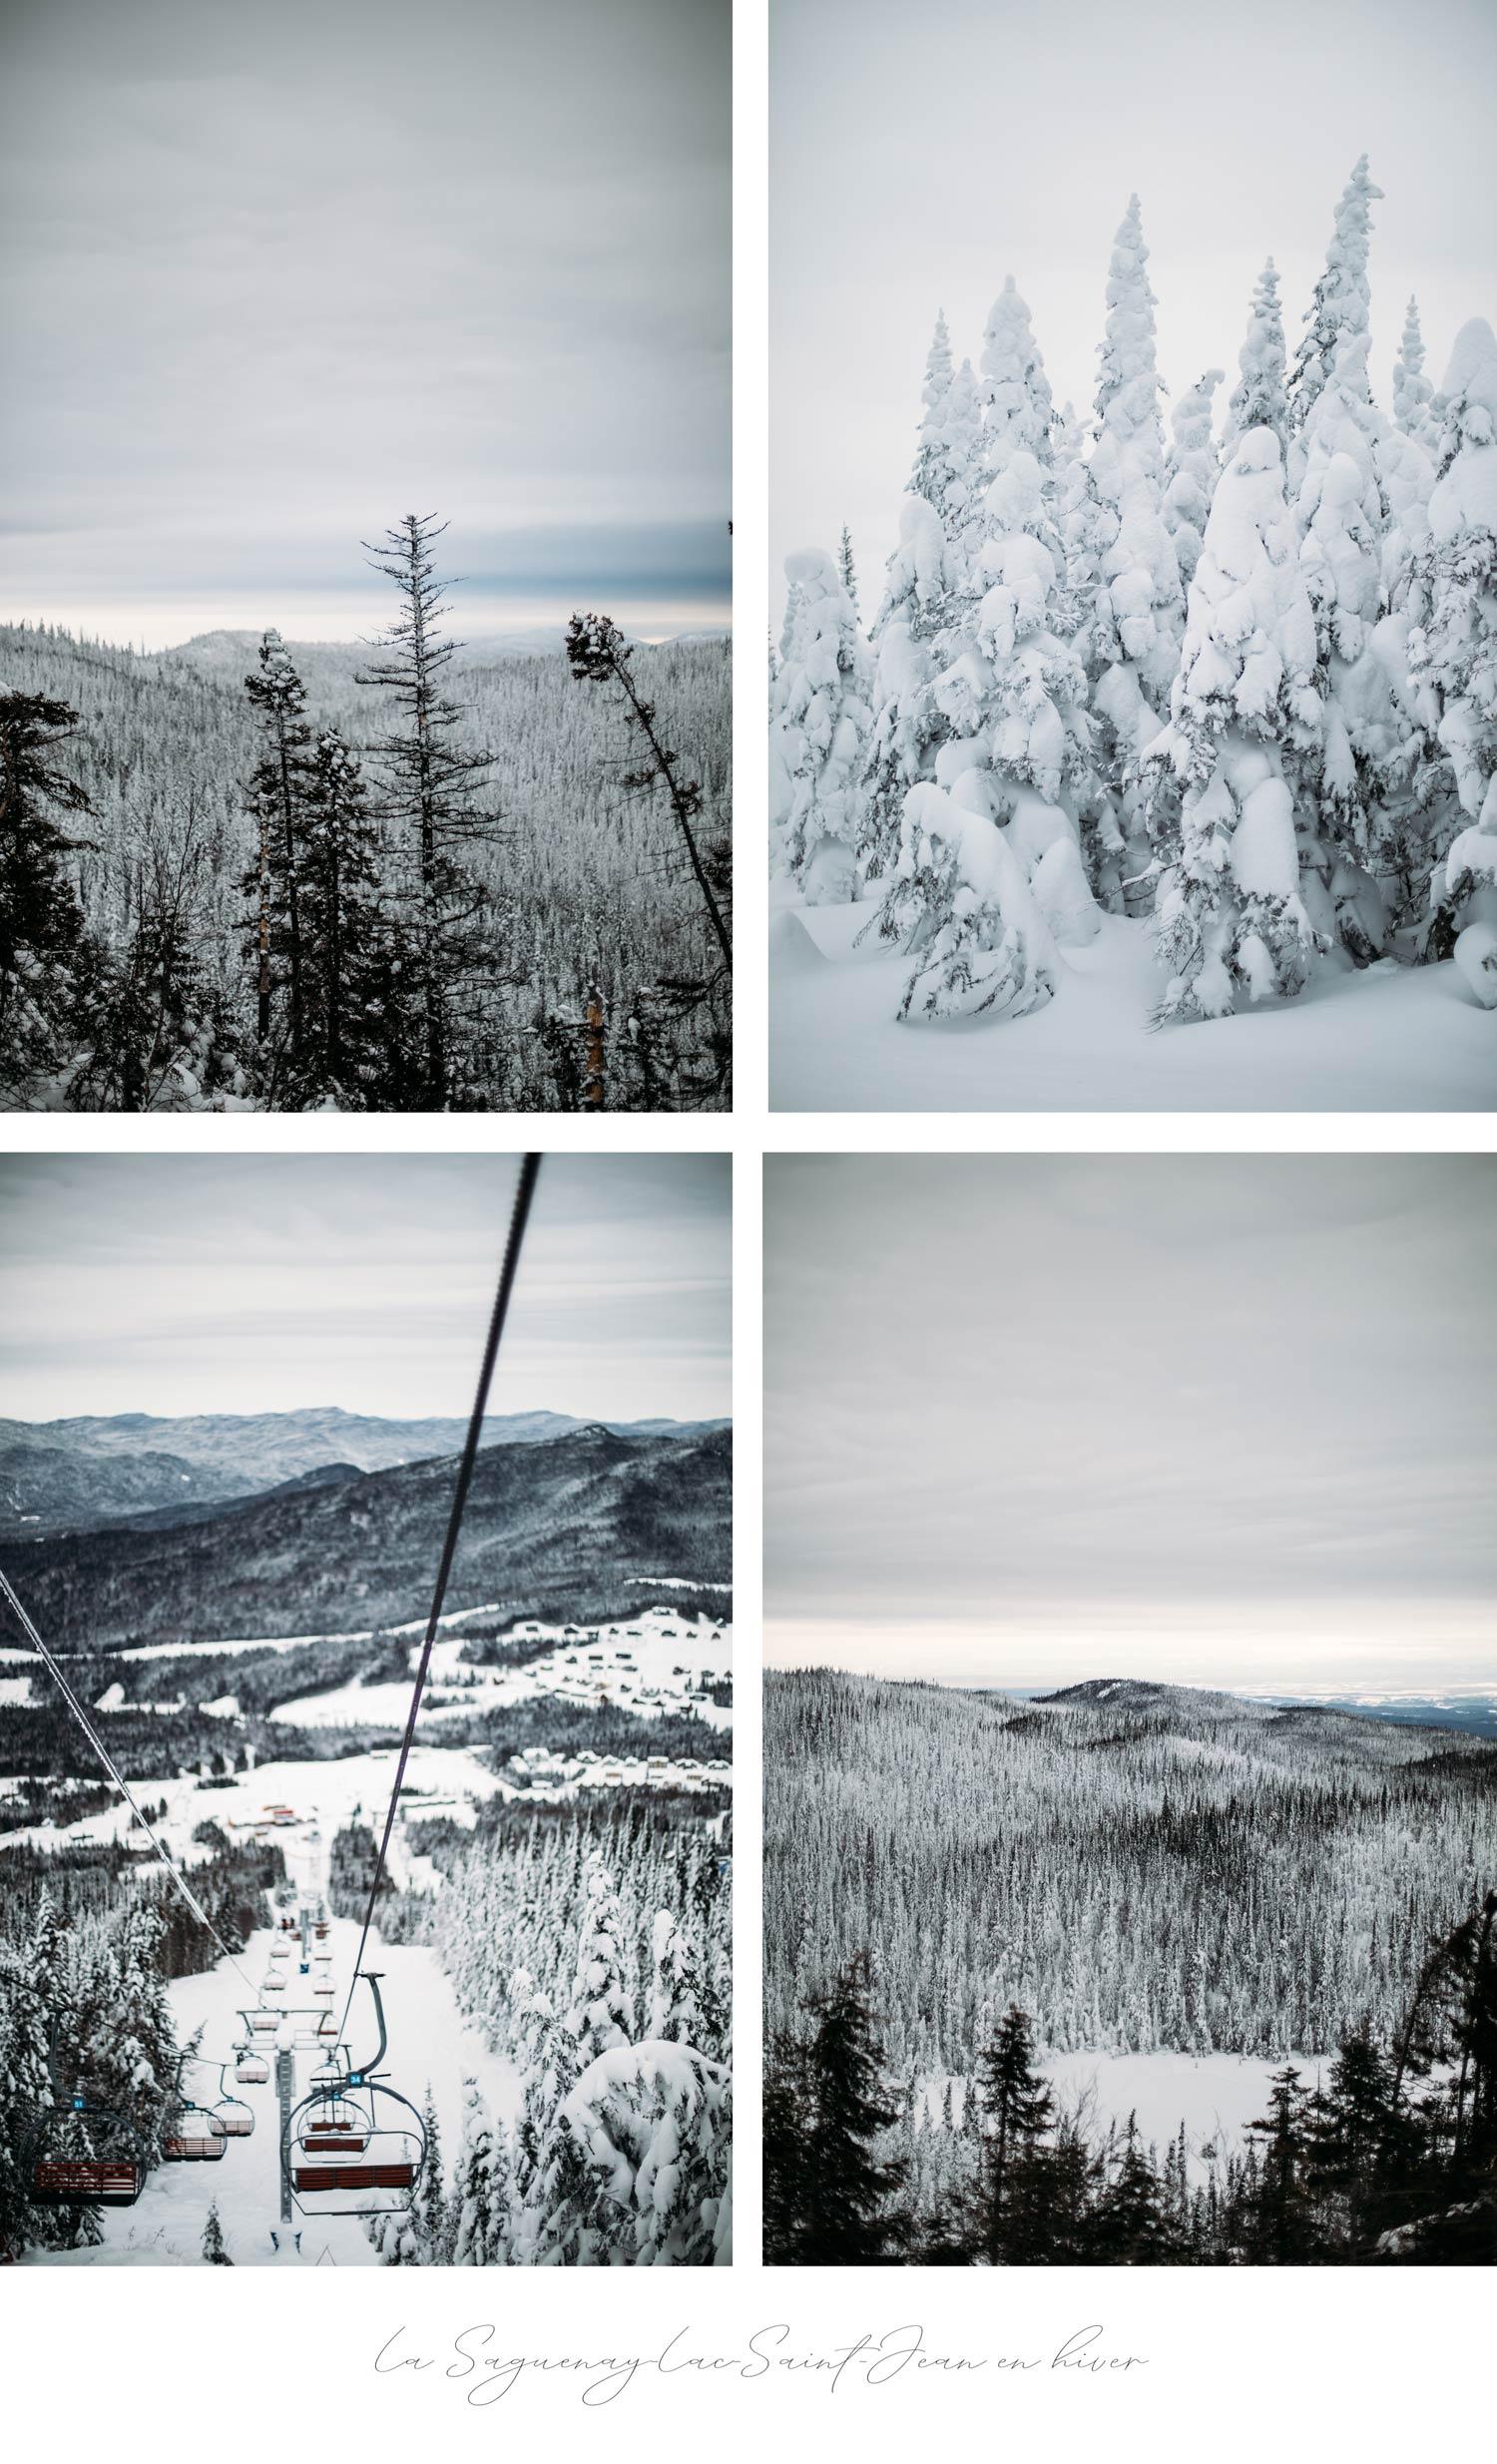 quoi faire au Saguenay-Lac-Saint-Jean en hiver